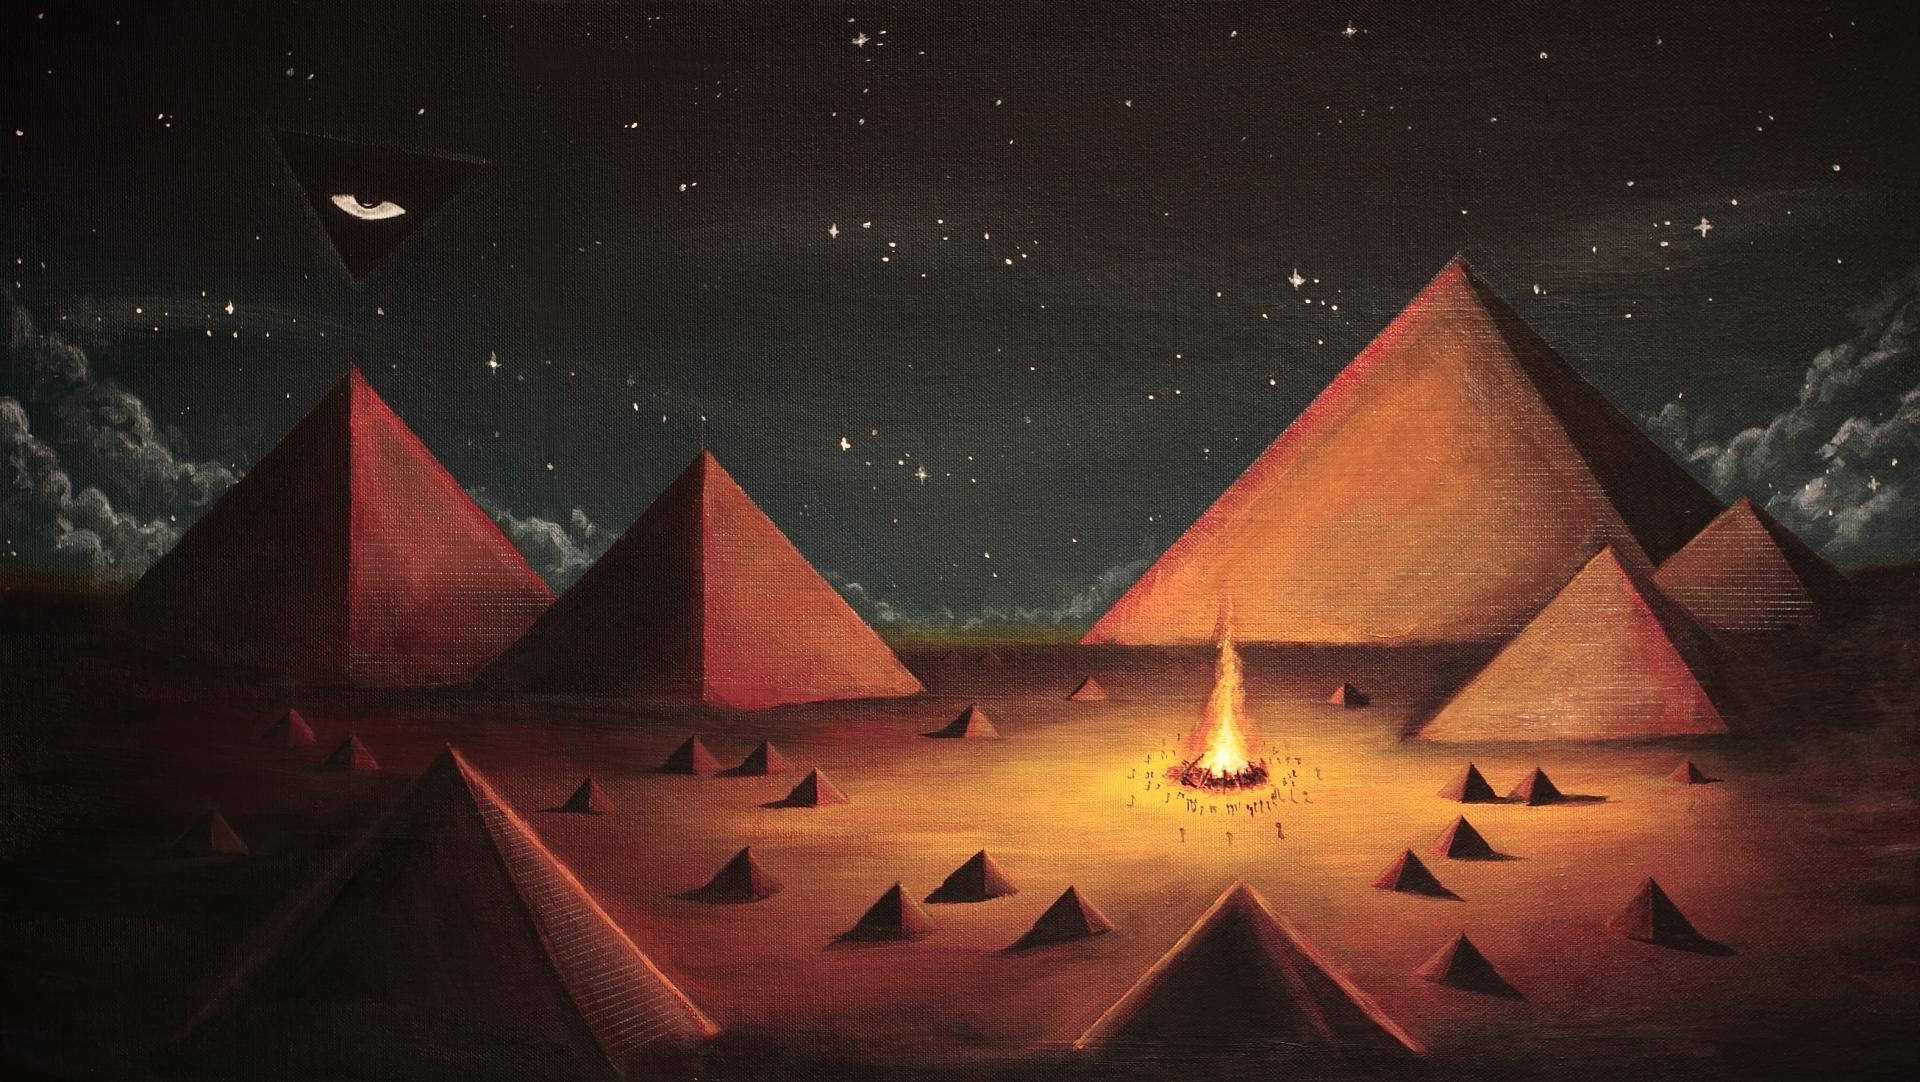 town_of_pyramids_by_xky-d27vcn9.jpg